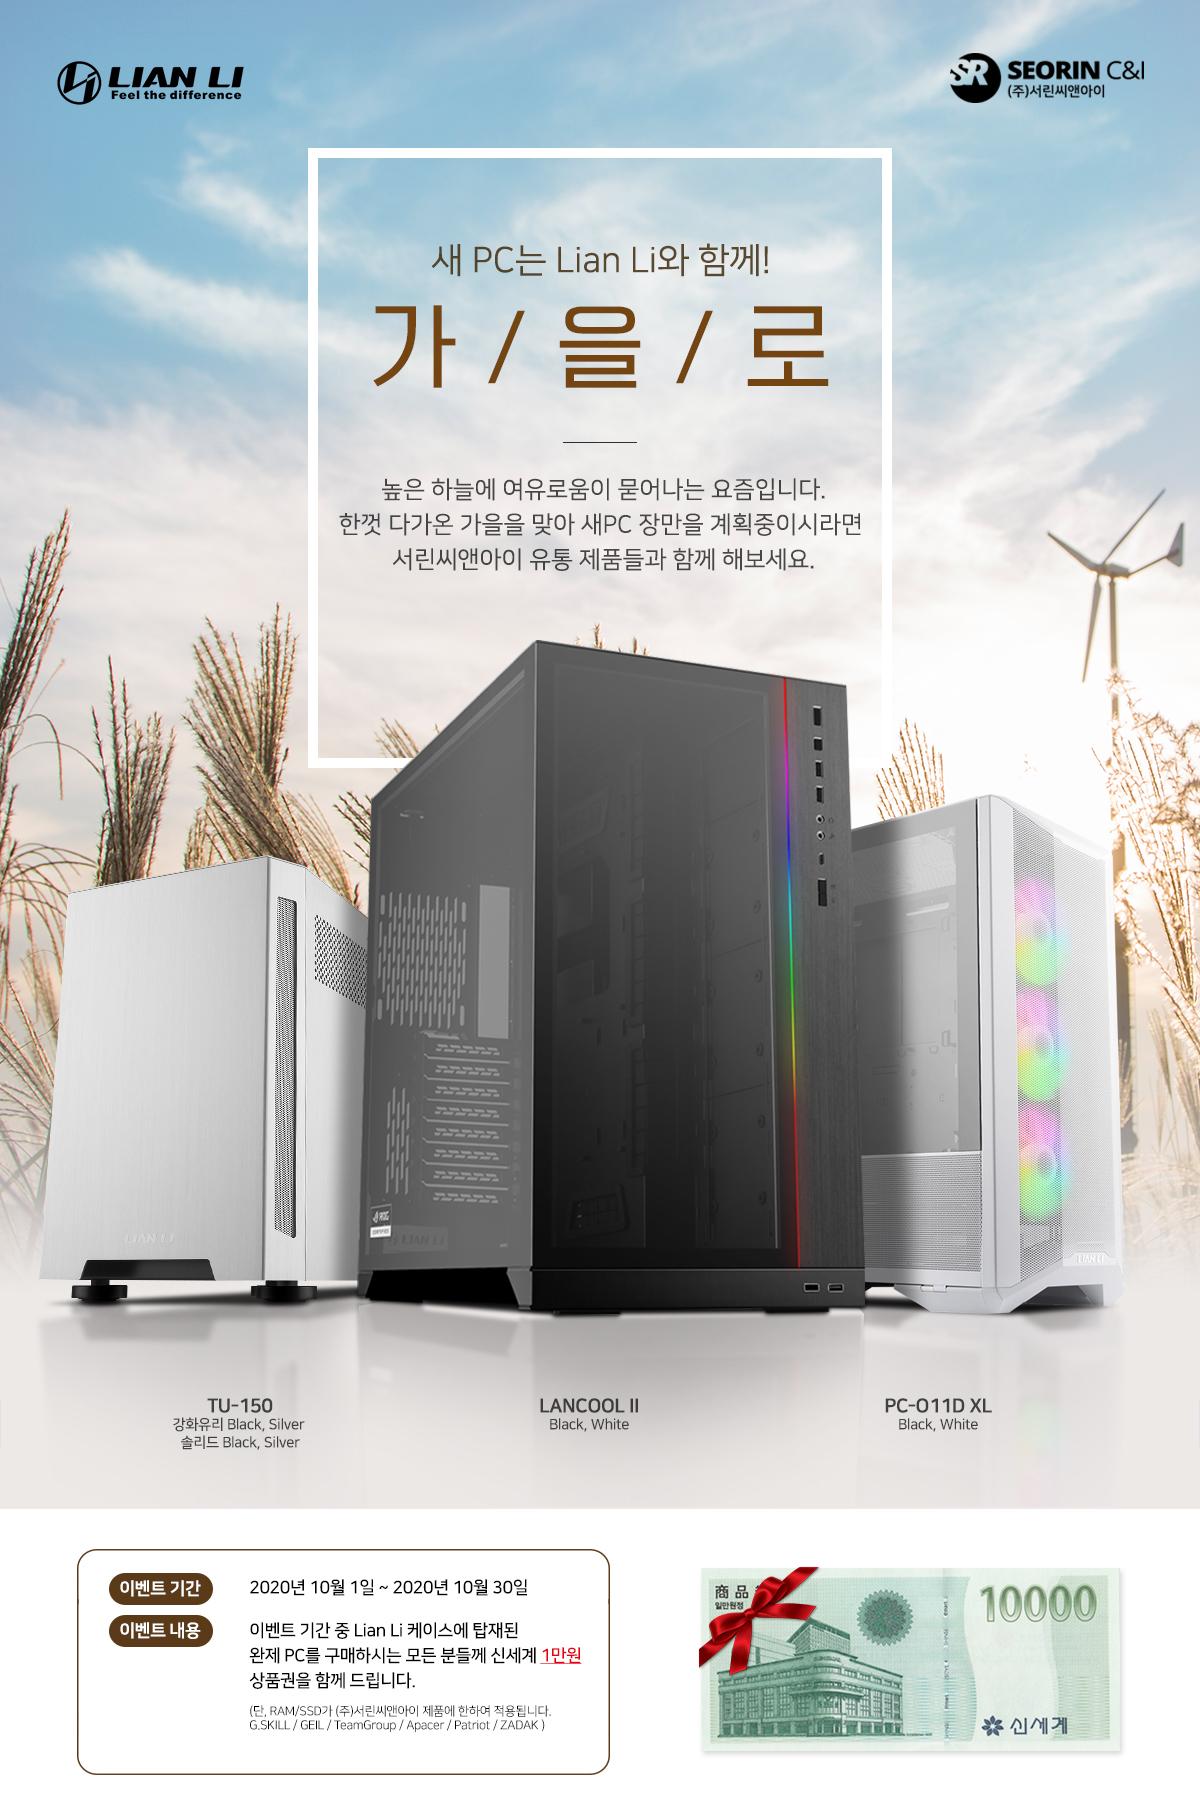 가/을/로 PC케이스라면 역시 서린에서! 리안리 완제PC 구매자 대상 이벤트!